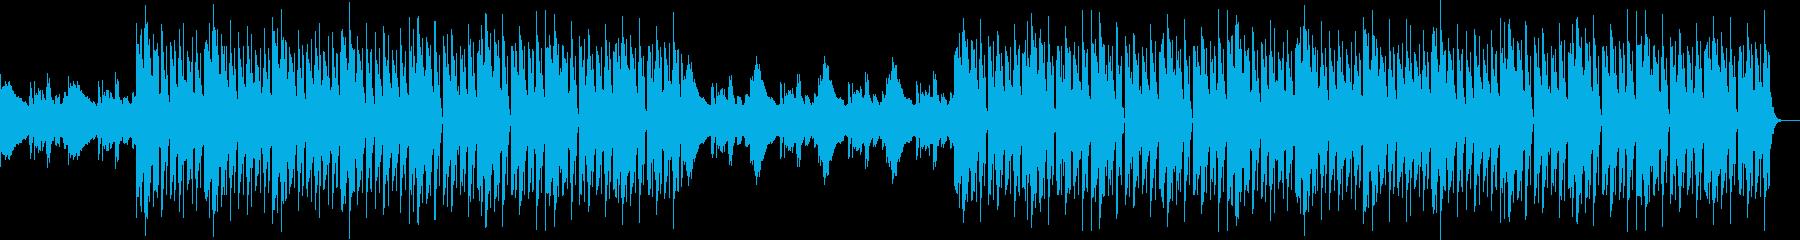 おしゃれ・ロカビリー・EDM・空気感3の再生済みの波形